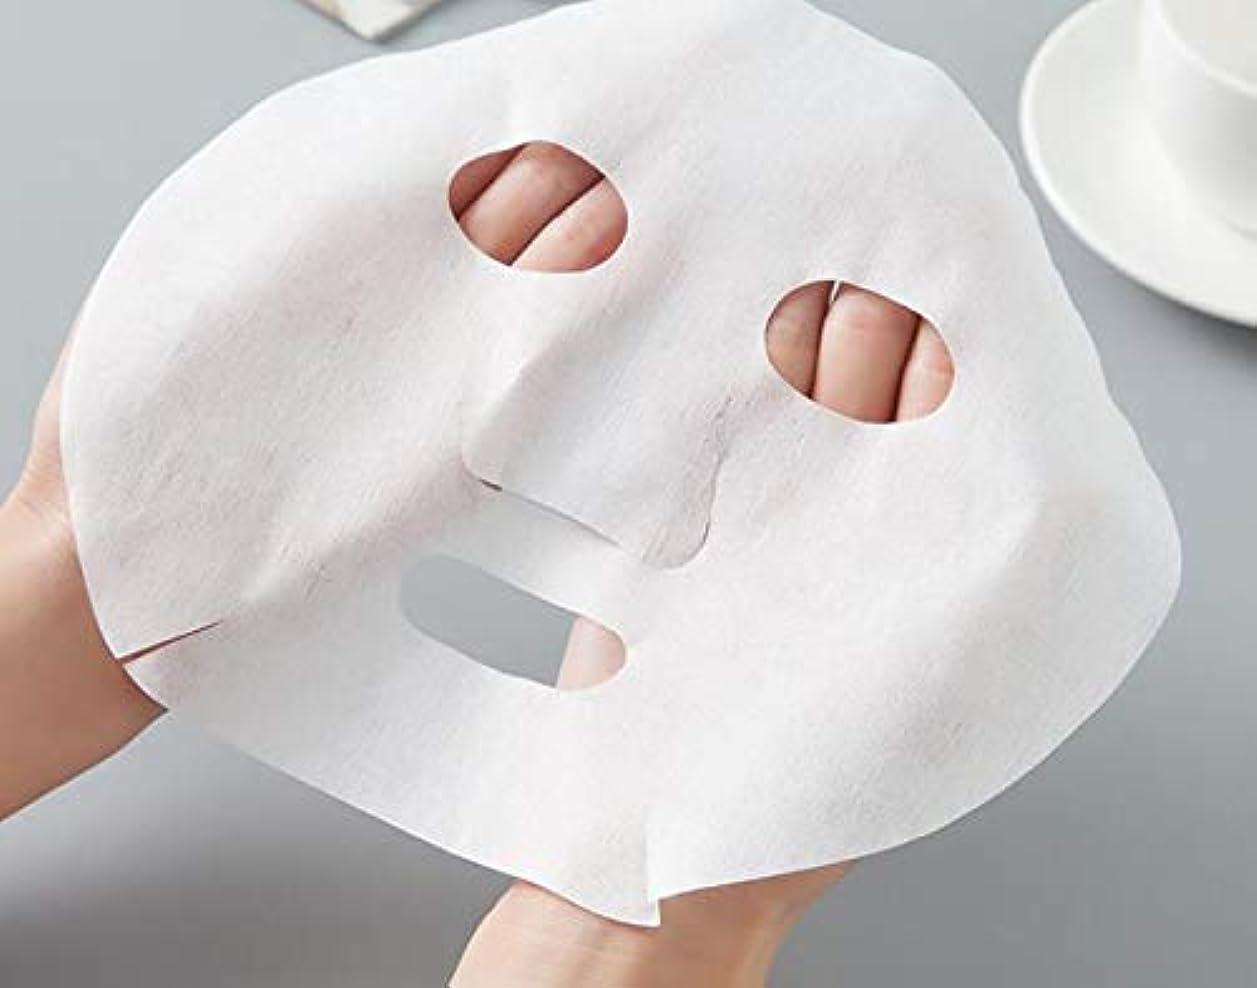 スキャンローズ闇【GOODLONG】フェイシャルマスク シートマスク 80枚 24×20cm